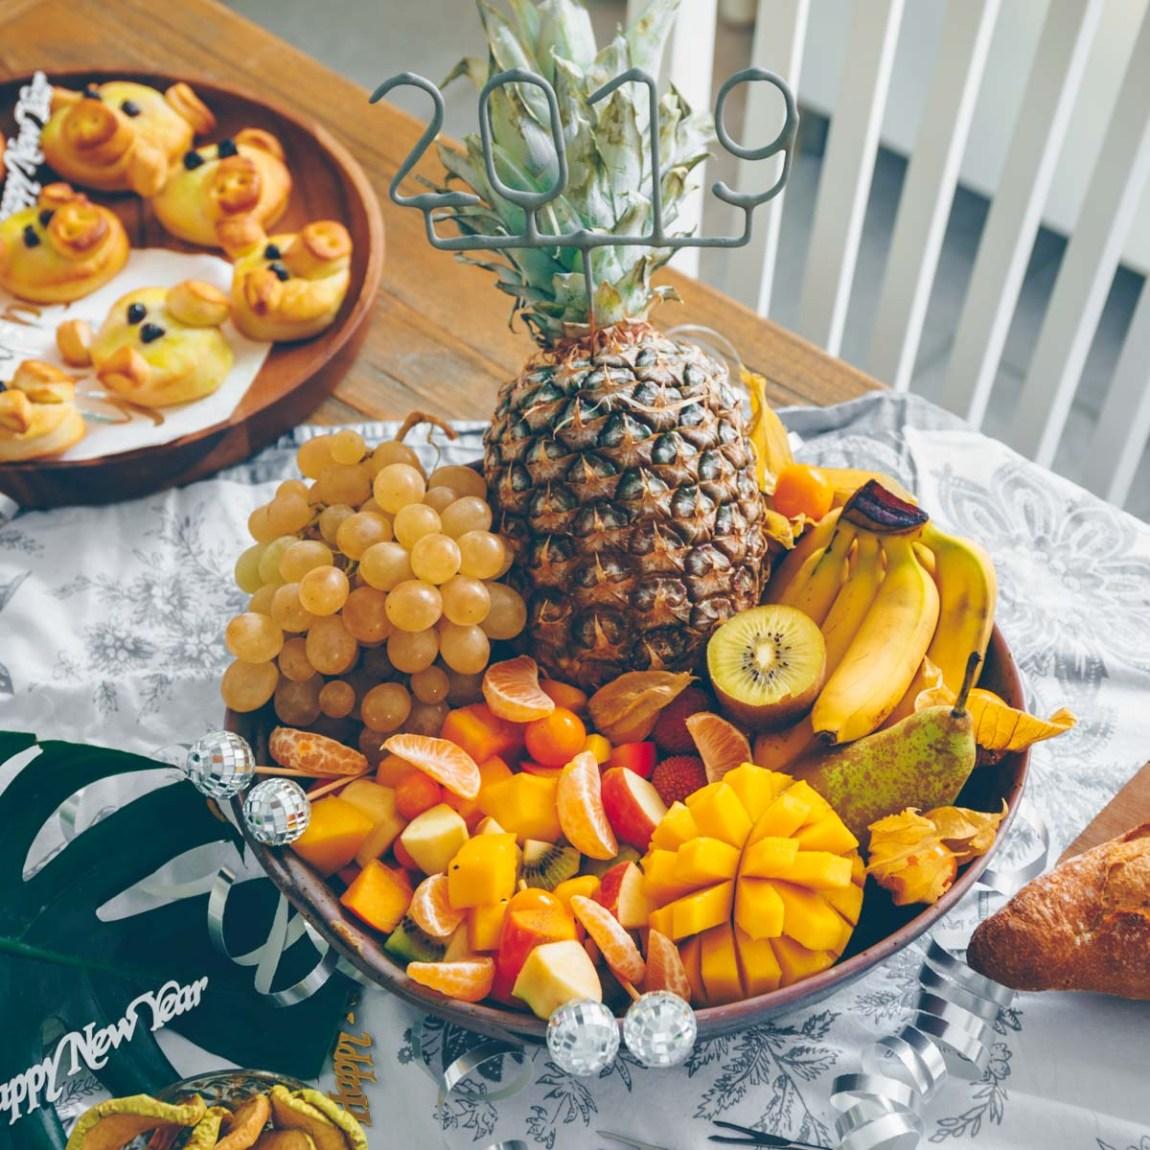 Silvesterbuffet vegan: Schokoladenfondue